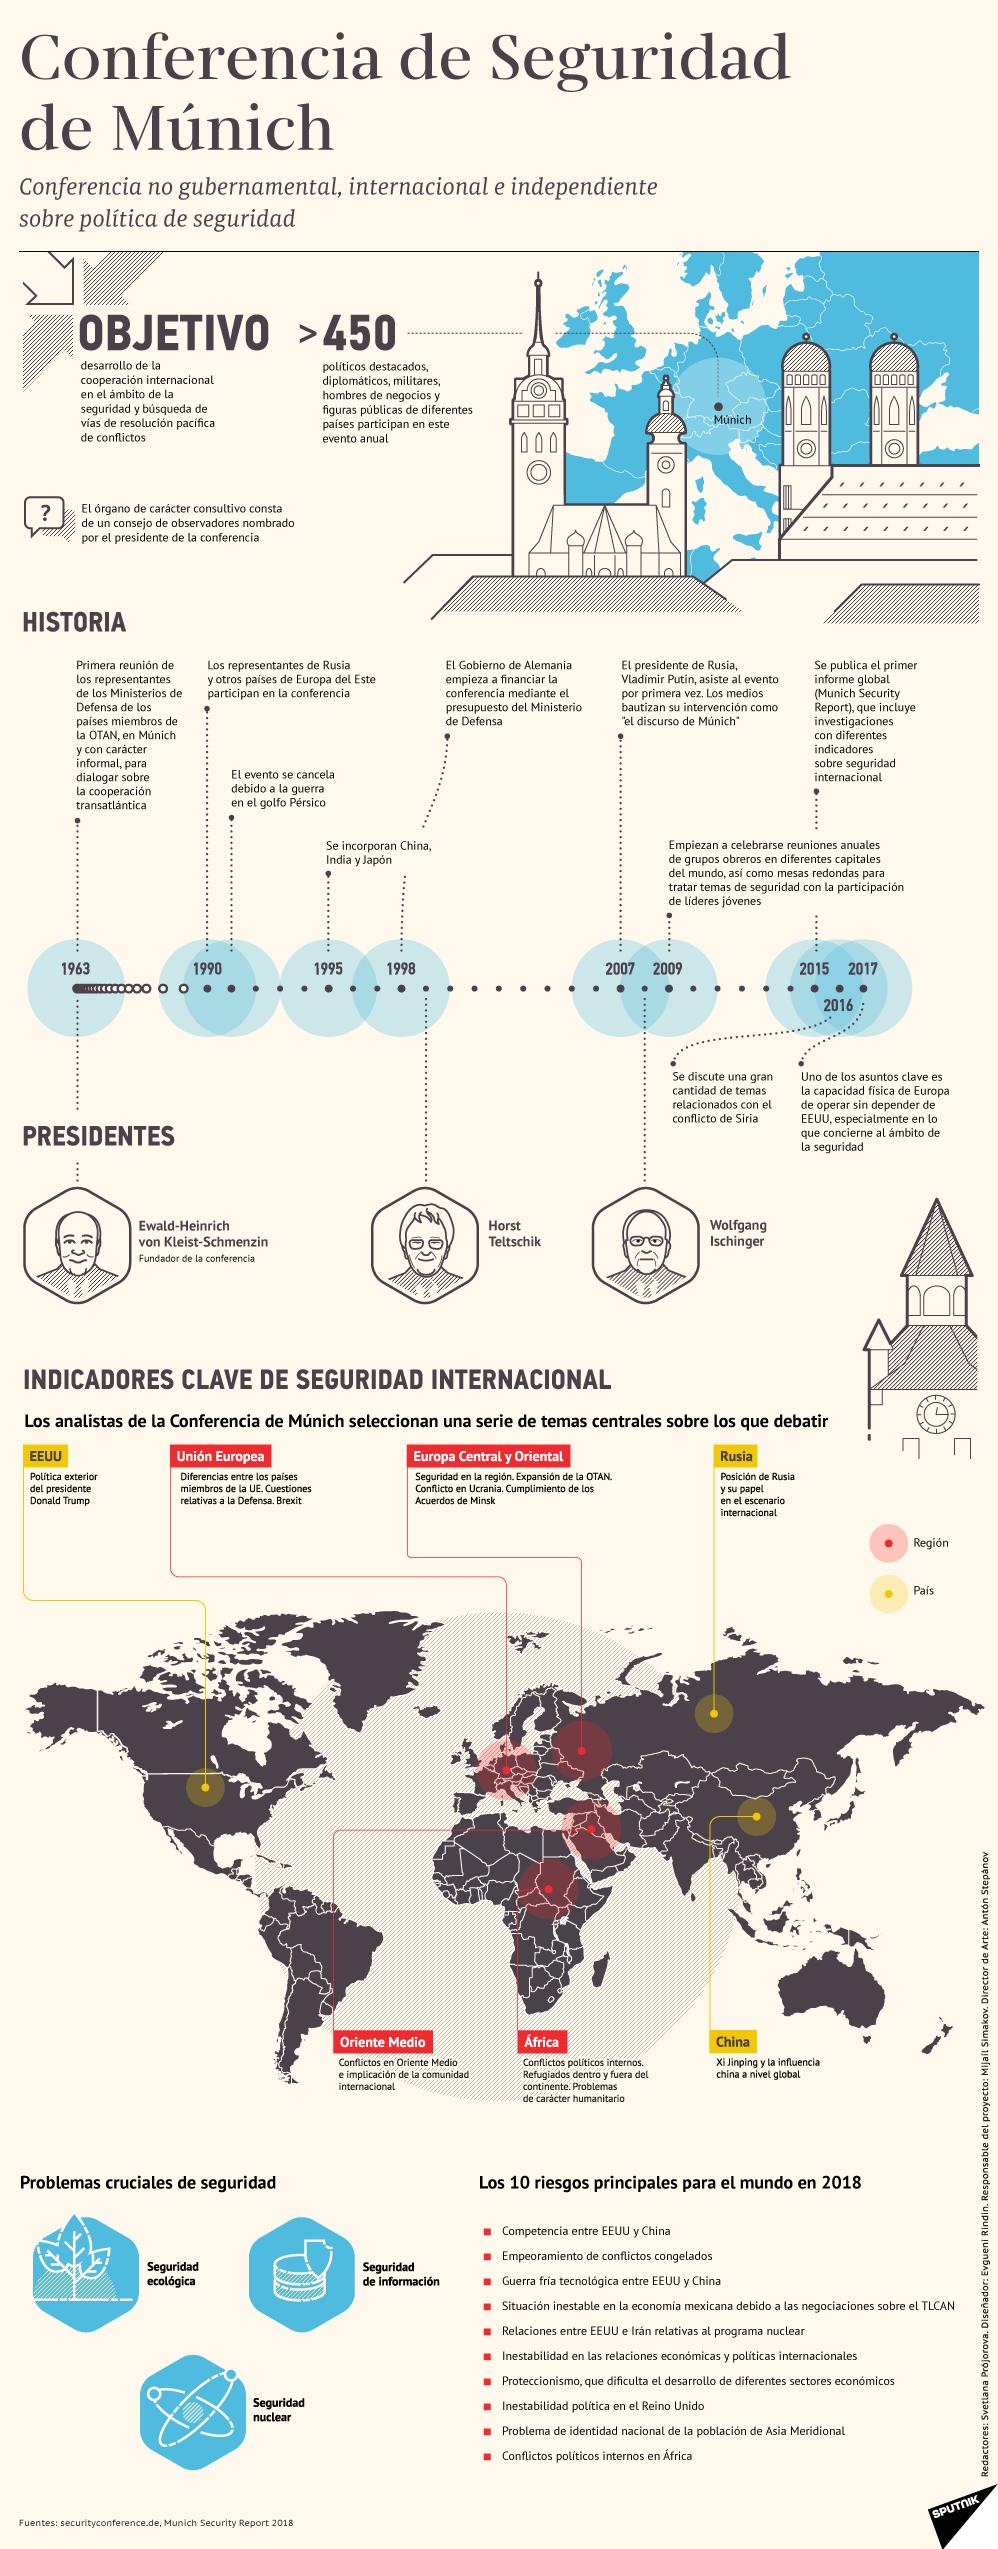 Todo lo que tienes que saber sobre la Conferencia de Seguridad de Múnich - Sputnik Mundo